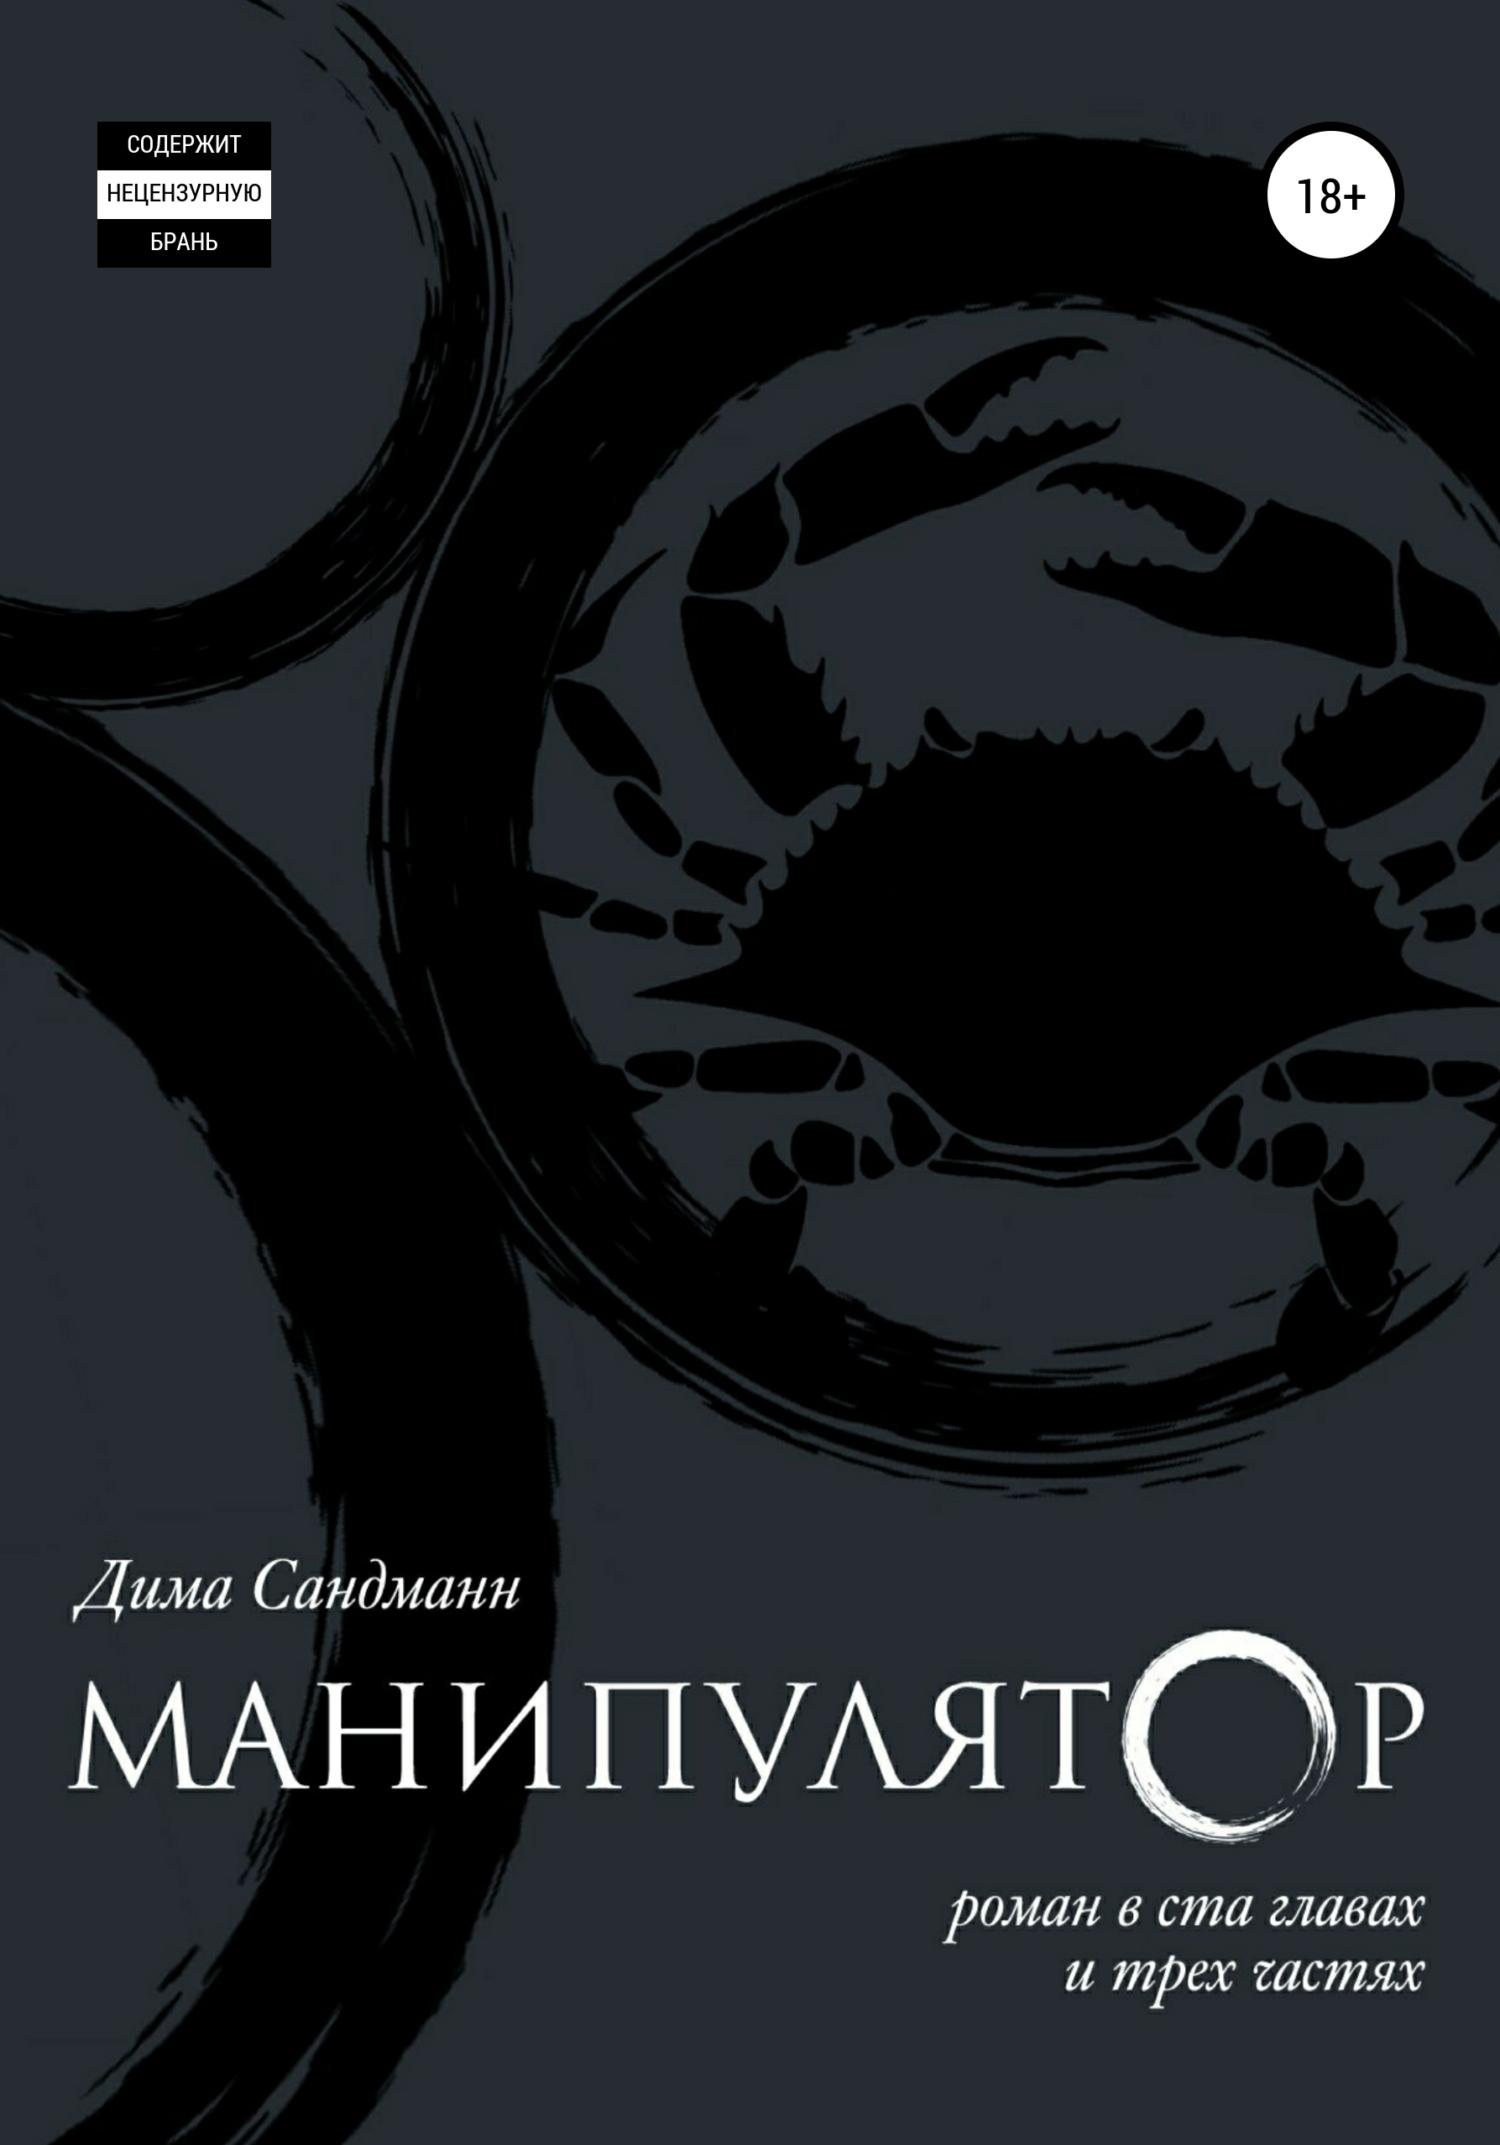 Дима Сандманн Манипулятор. Глава 062 дима сандманн манипулятор глава 009